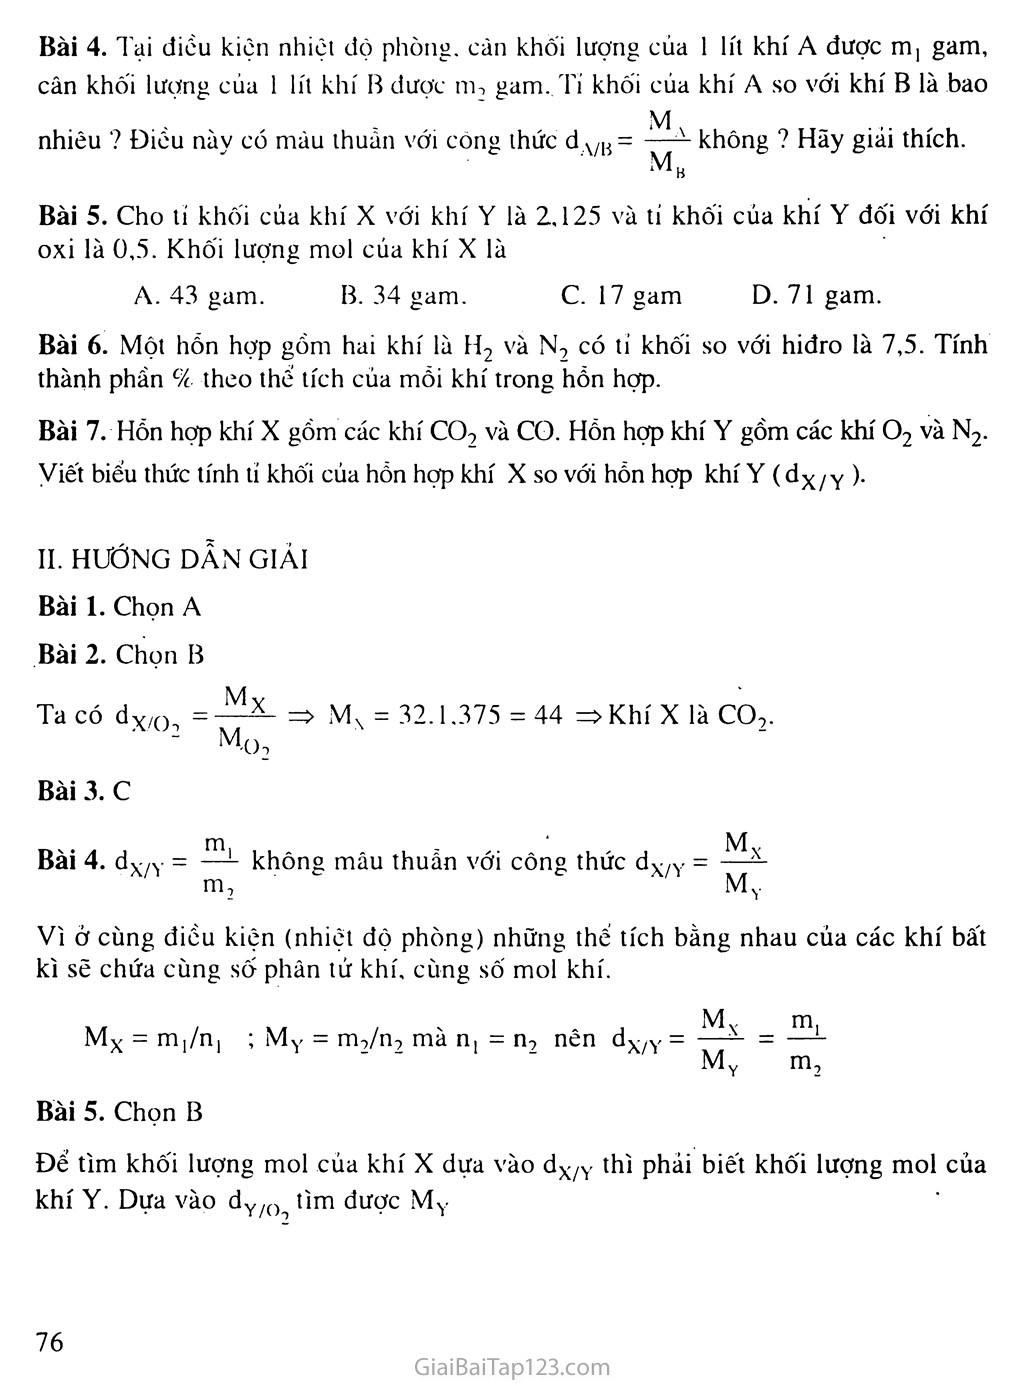 Bài 20: Tỉ khối của chất khí trang 4